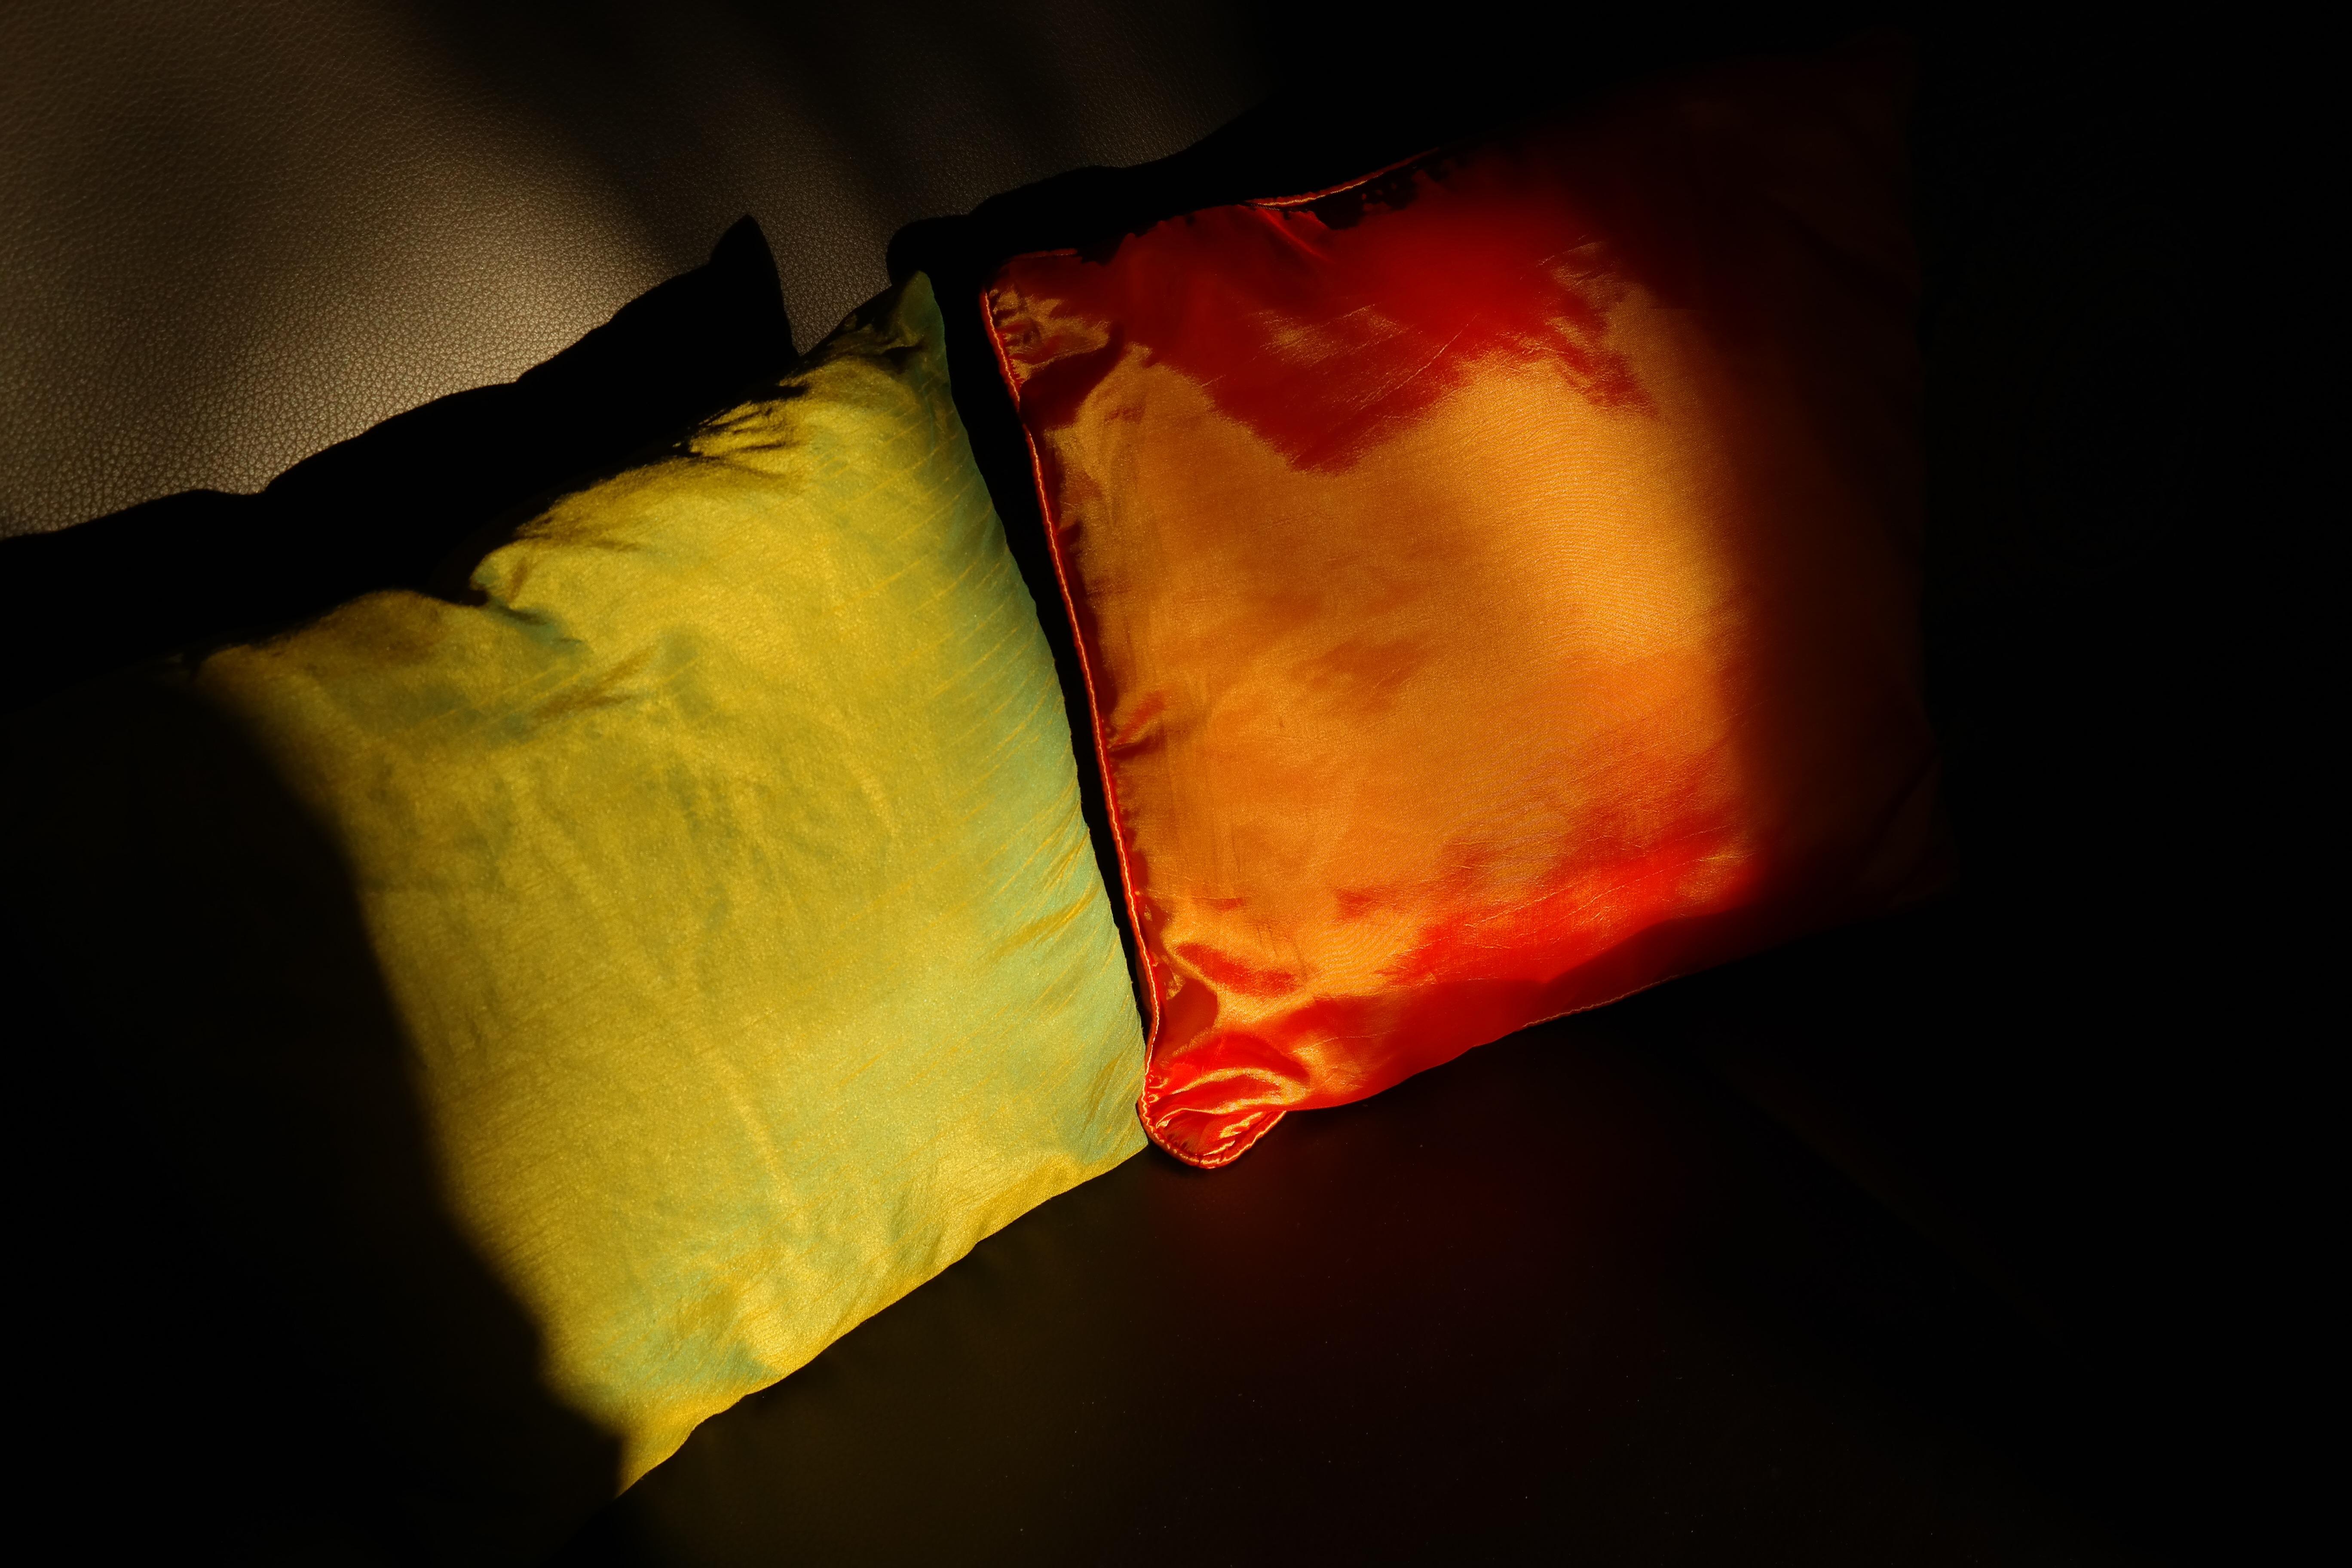 Free Images : light, sunlight, leaf, flower, petal, green, red ...